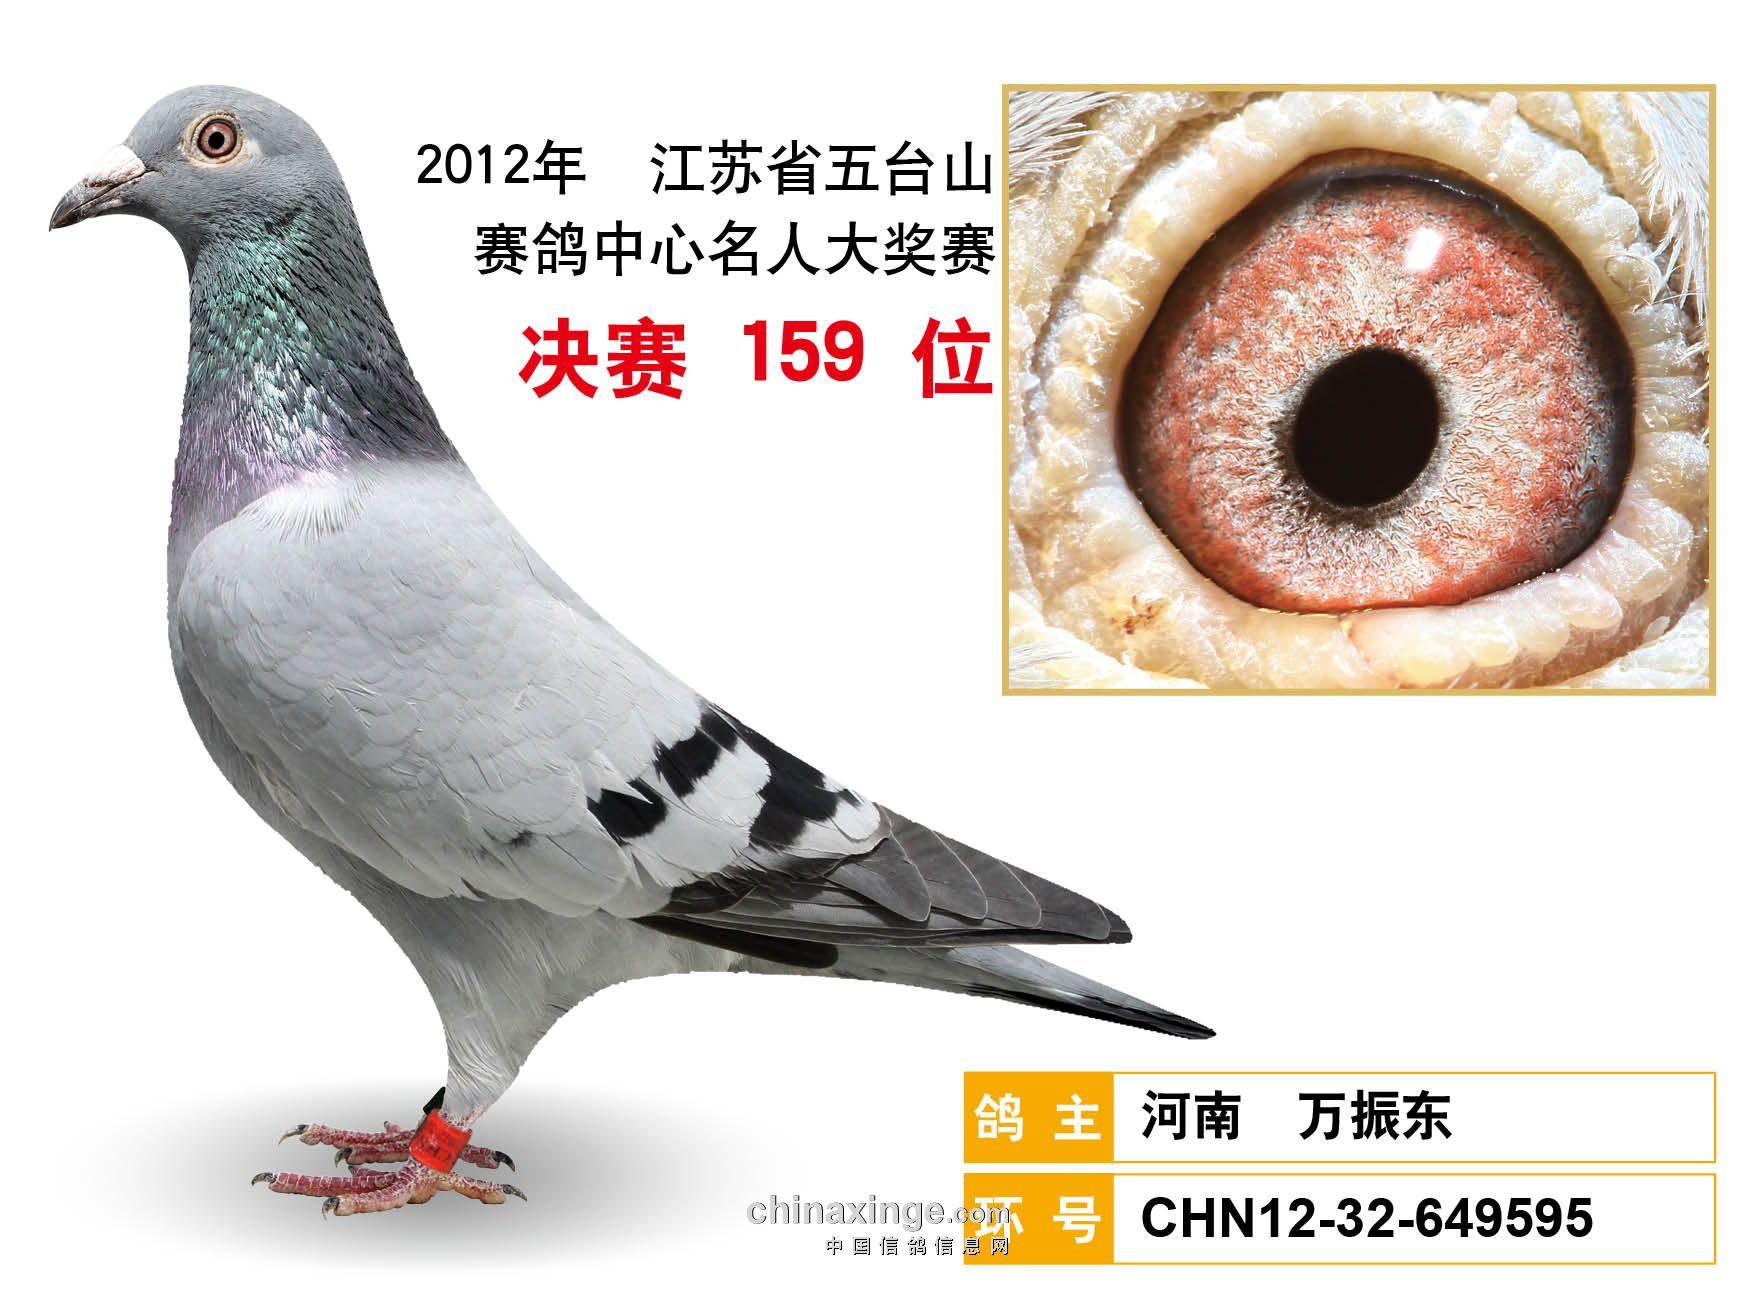 2012年五台山公棚获奖鸽